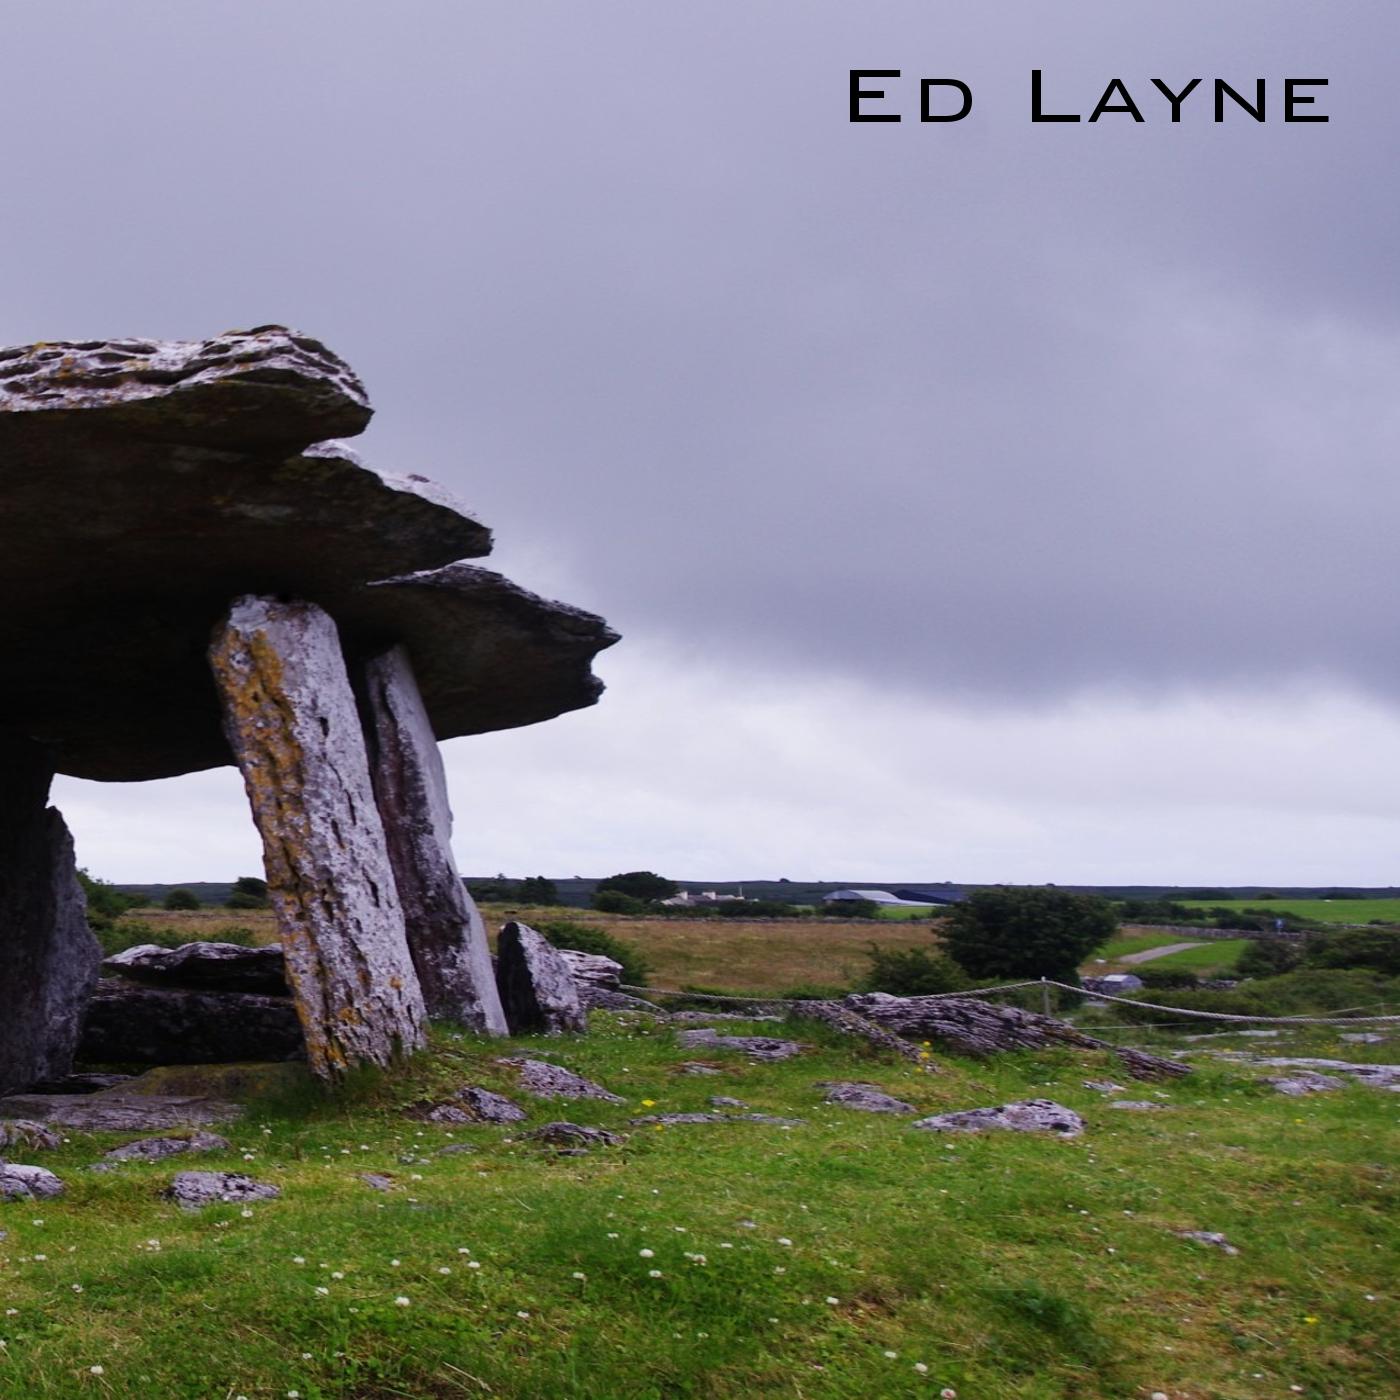 Ed Layne – Ed Layne